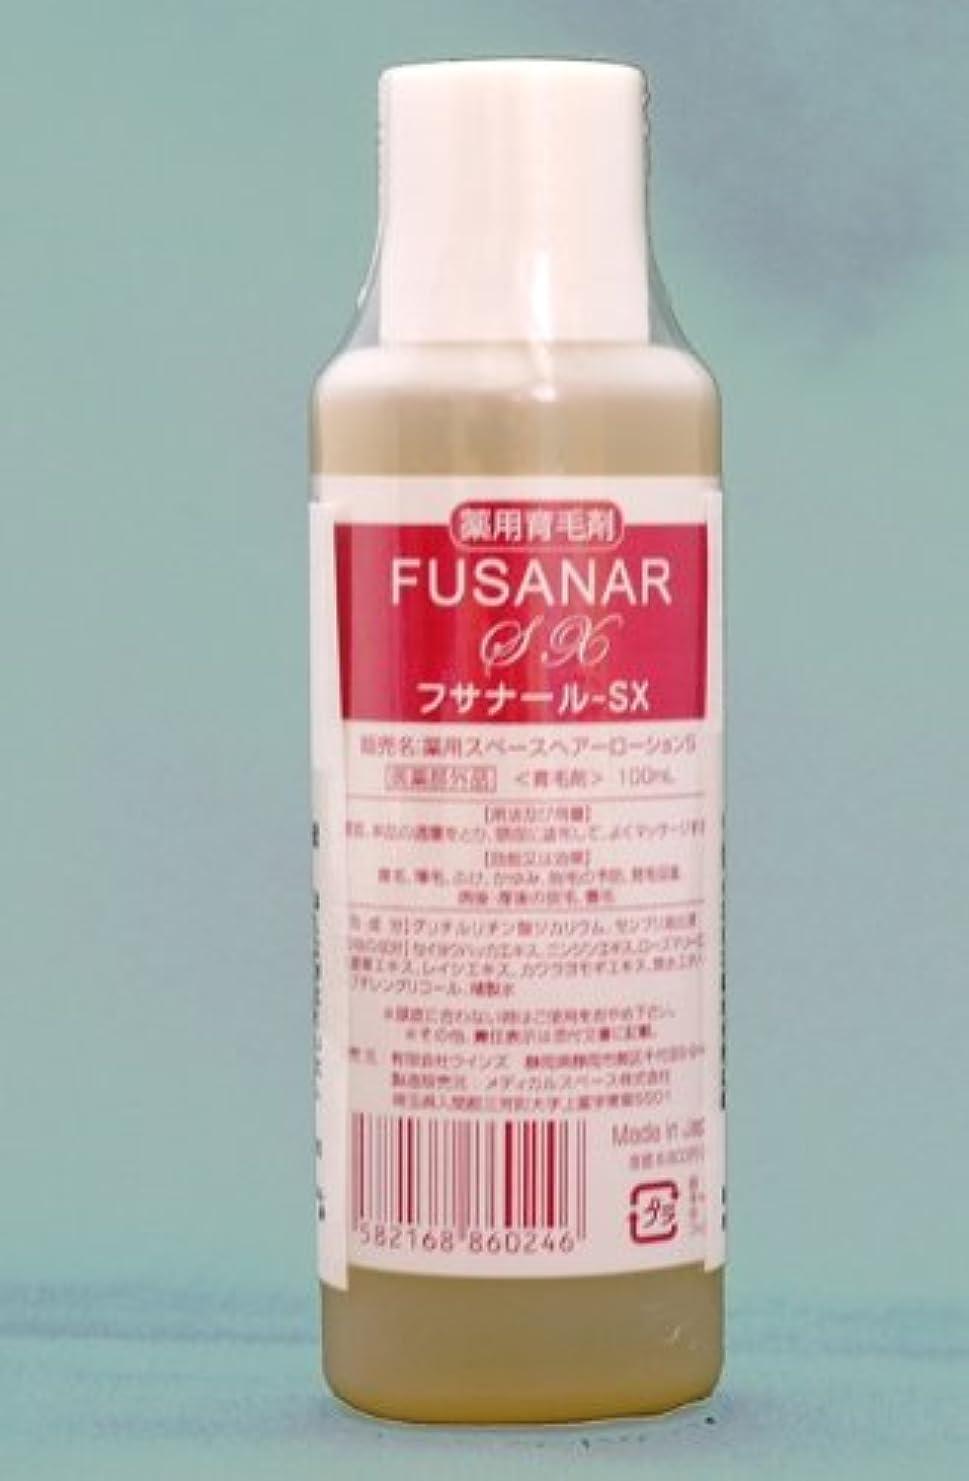 文明化する物思いにふける読む薬用フサナールSX <男女兼用> 100%植物エキスの薬用育毛剤